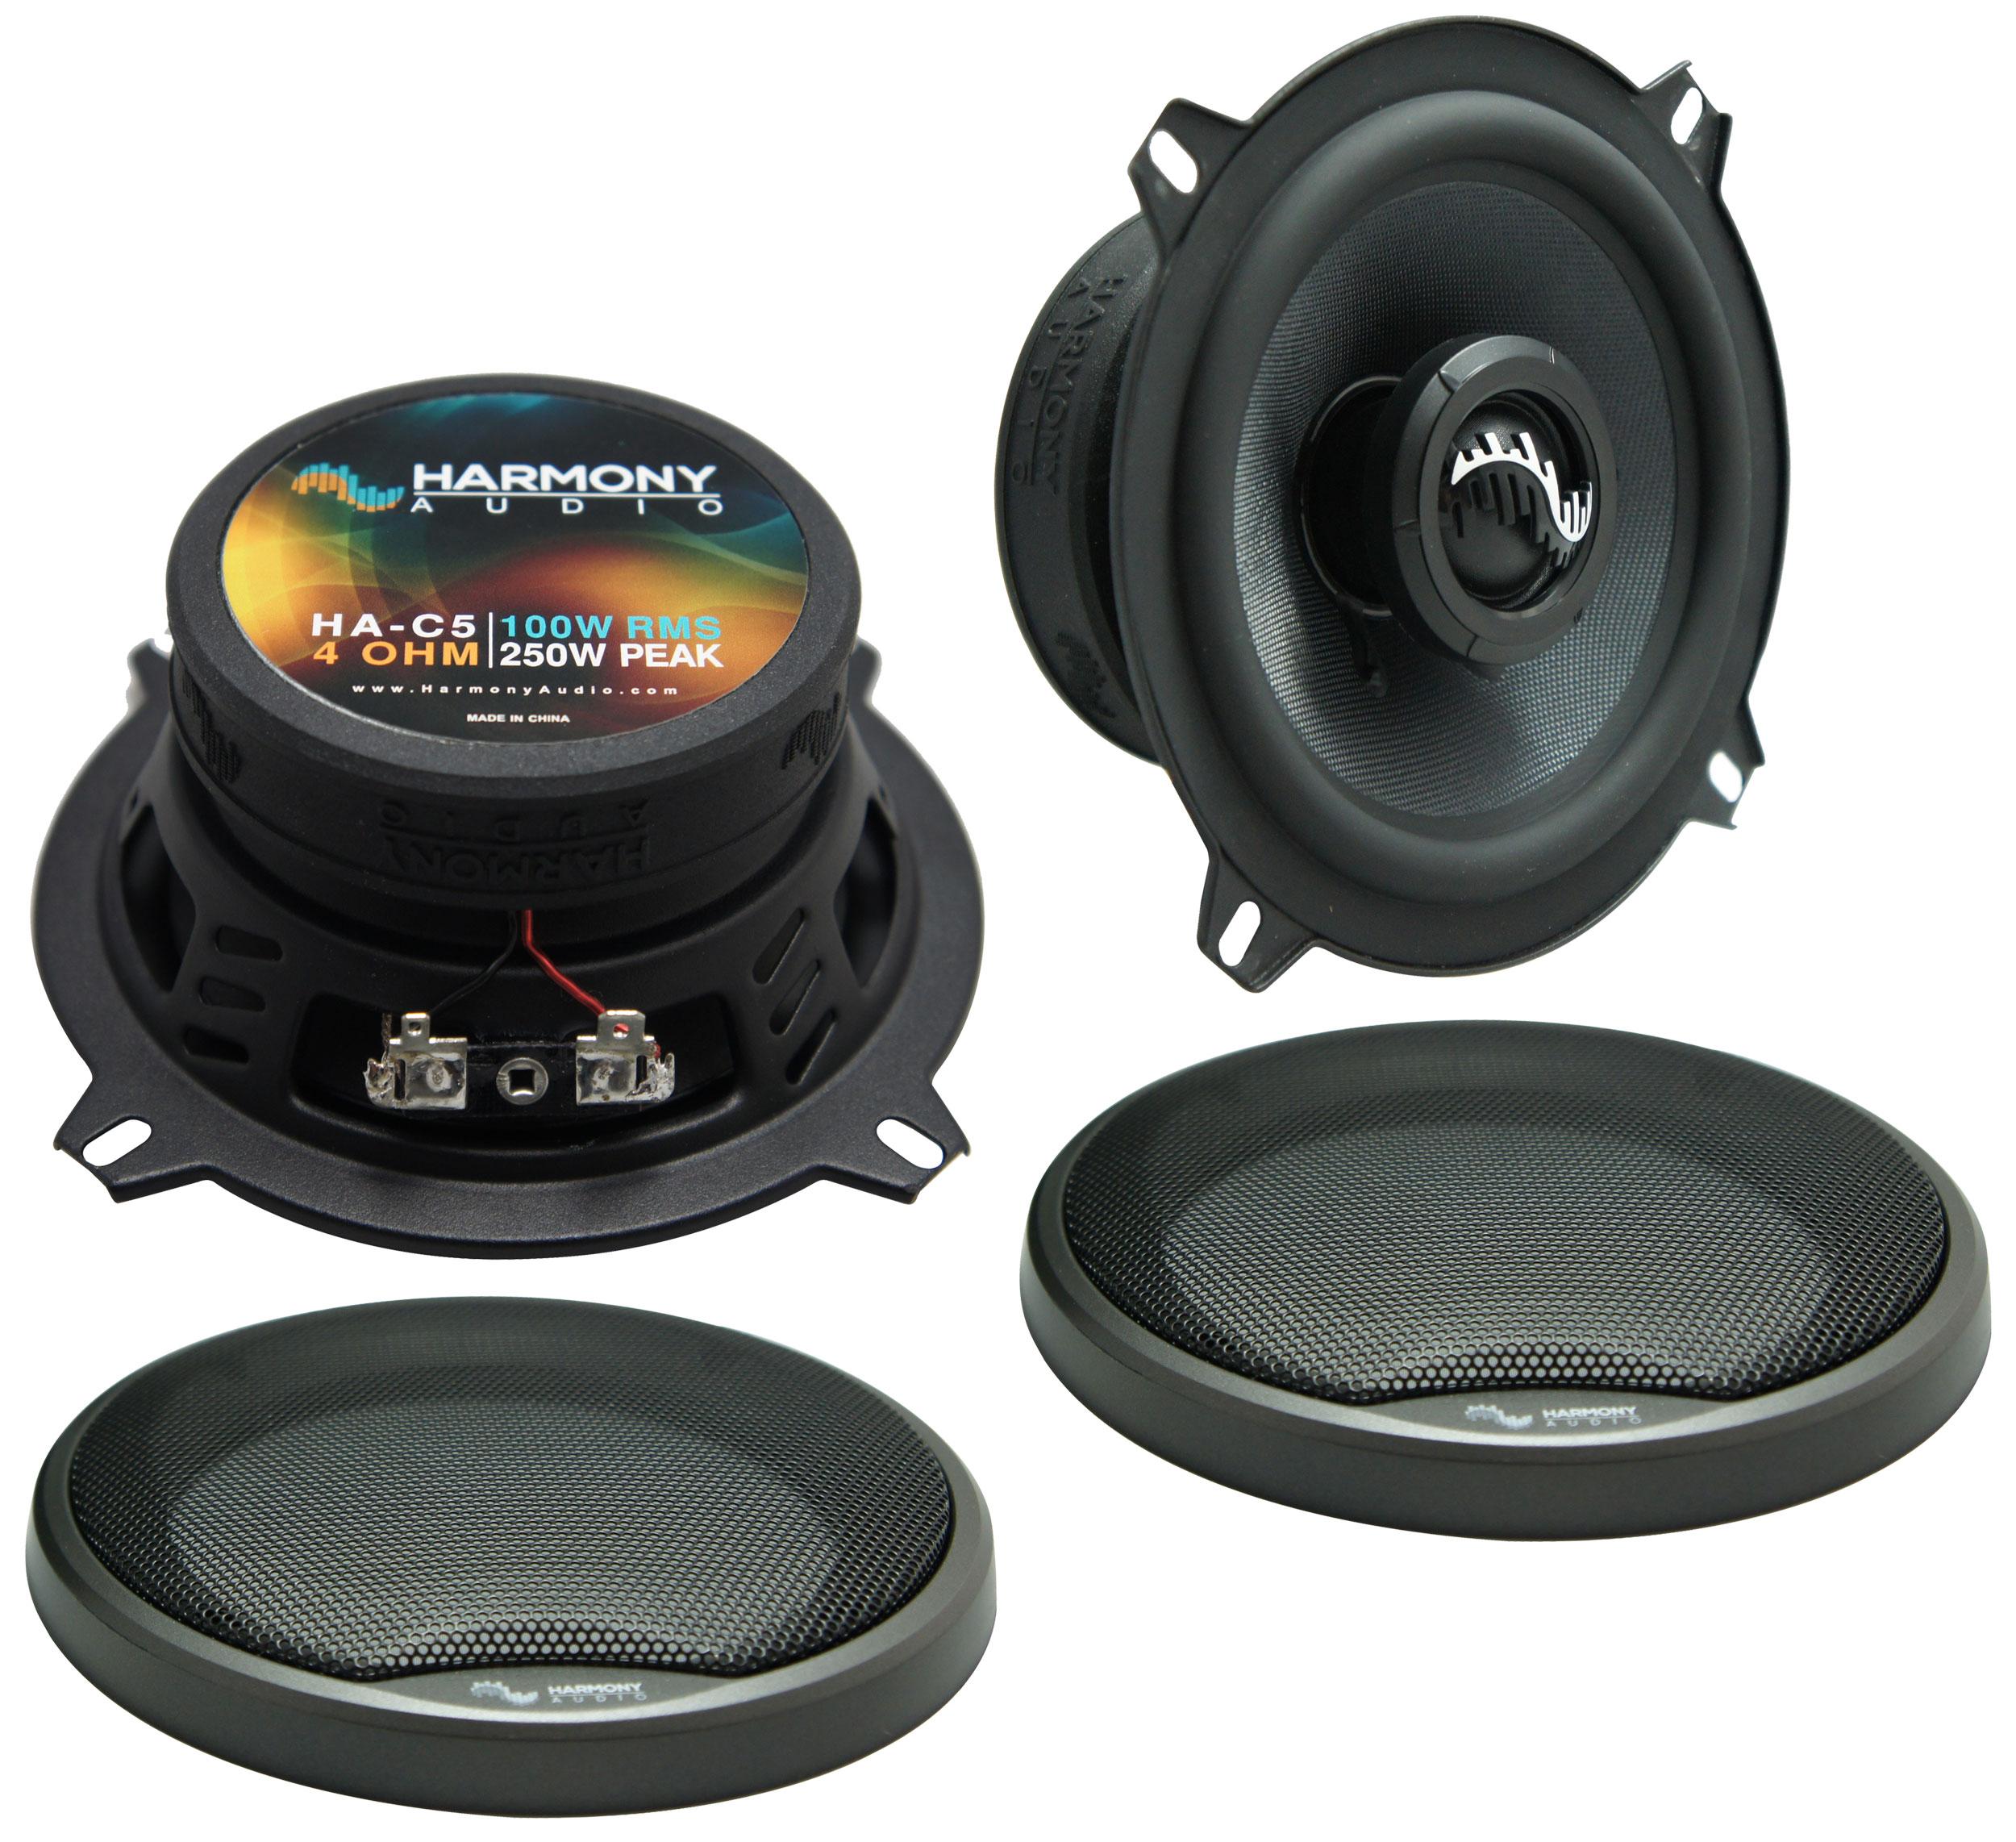 Fits BMW 3 Series 2006 Front Door Replacement Speaker Harmony HA-C5 Premium Speakers New